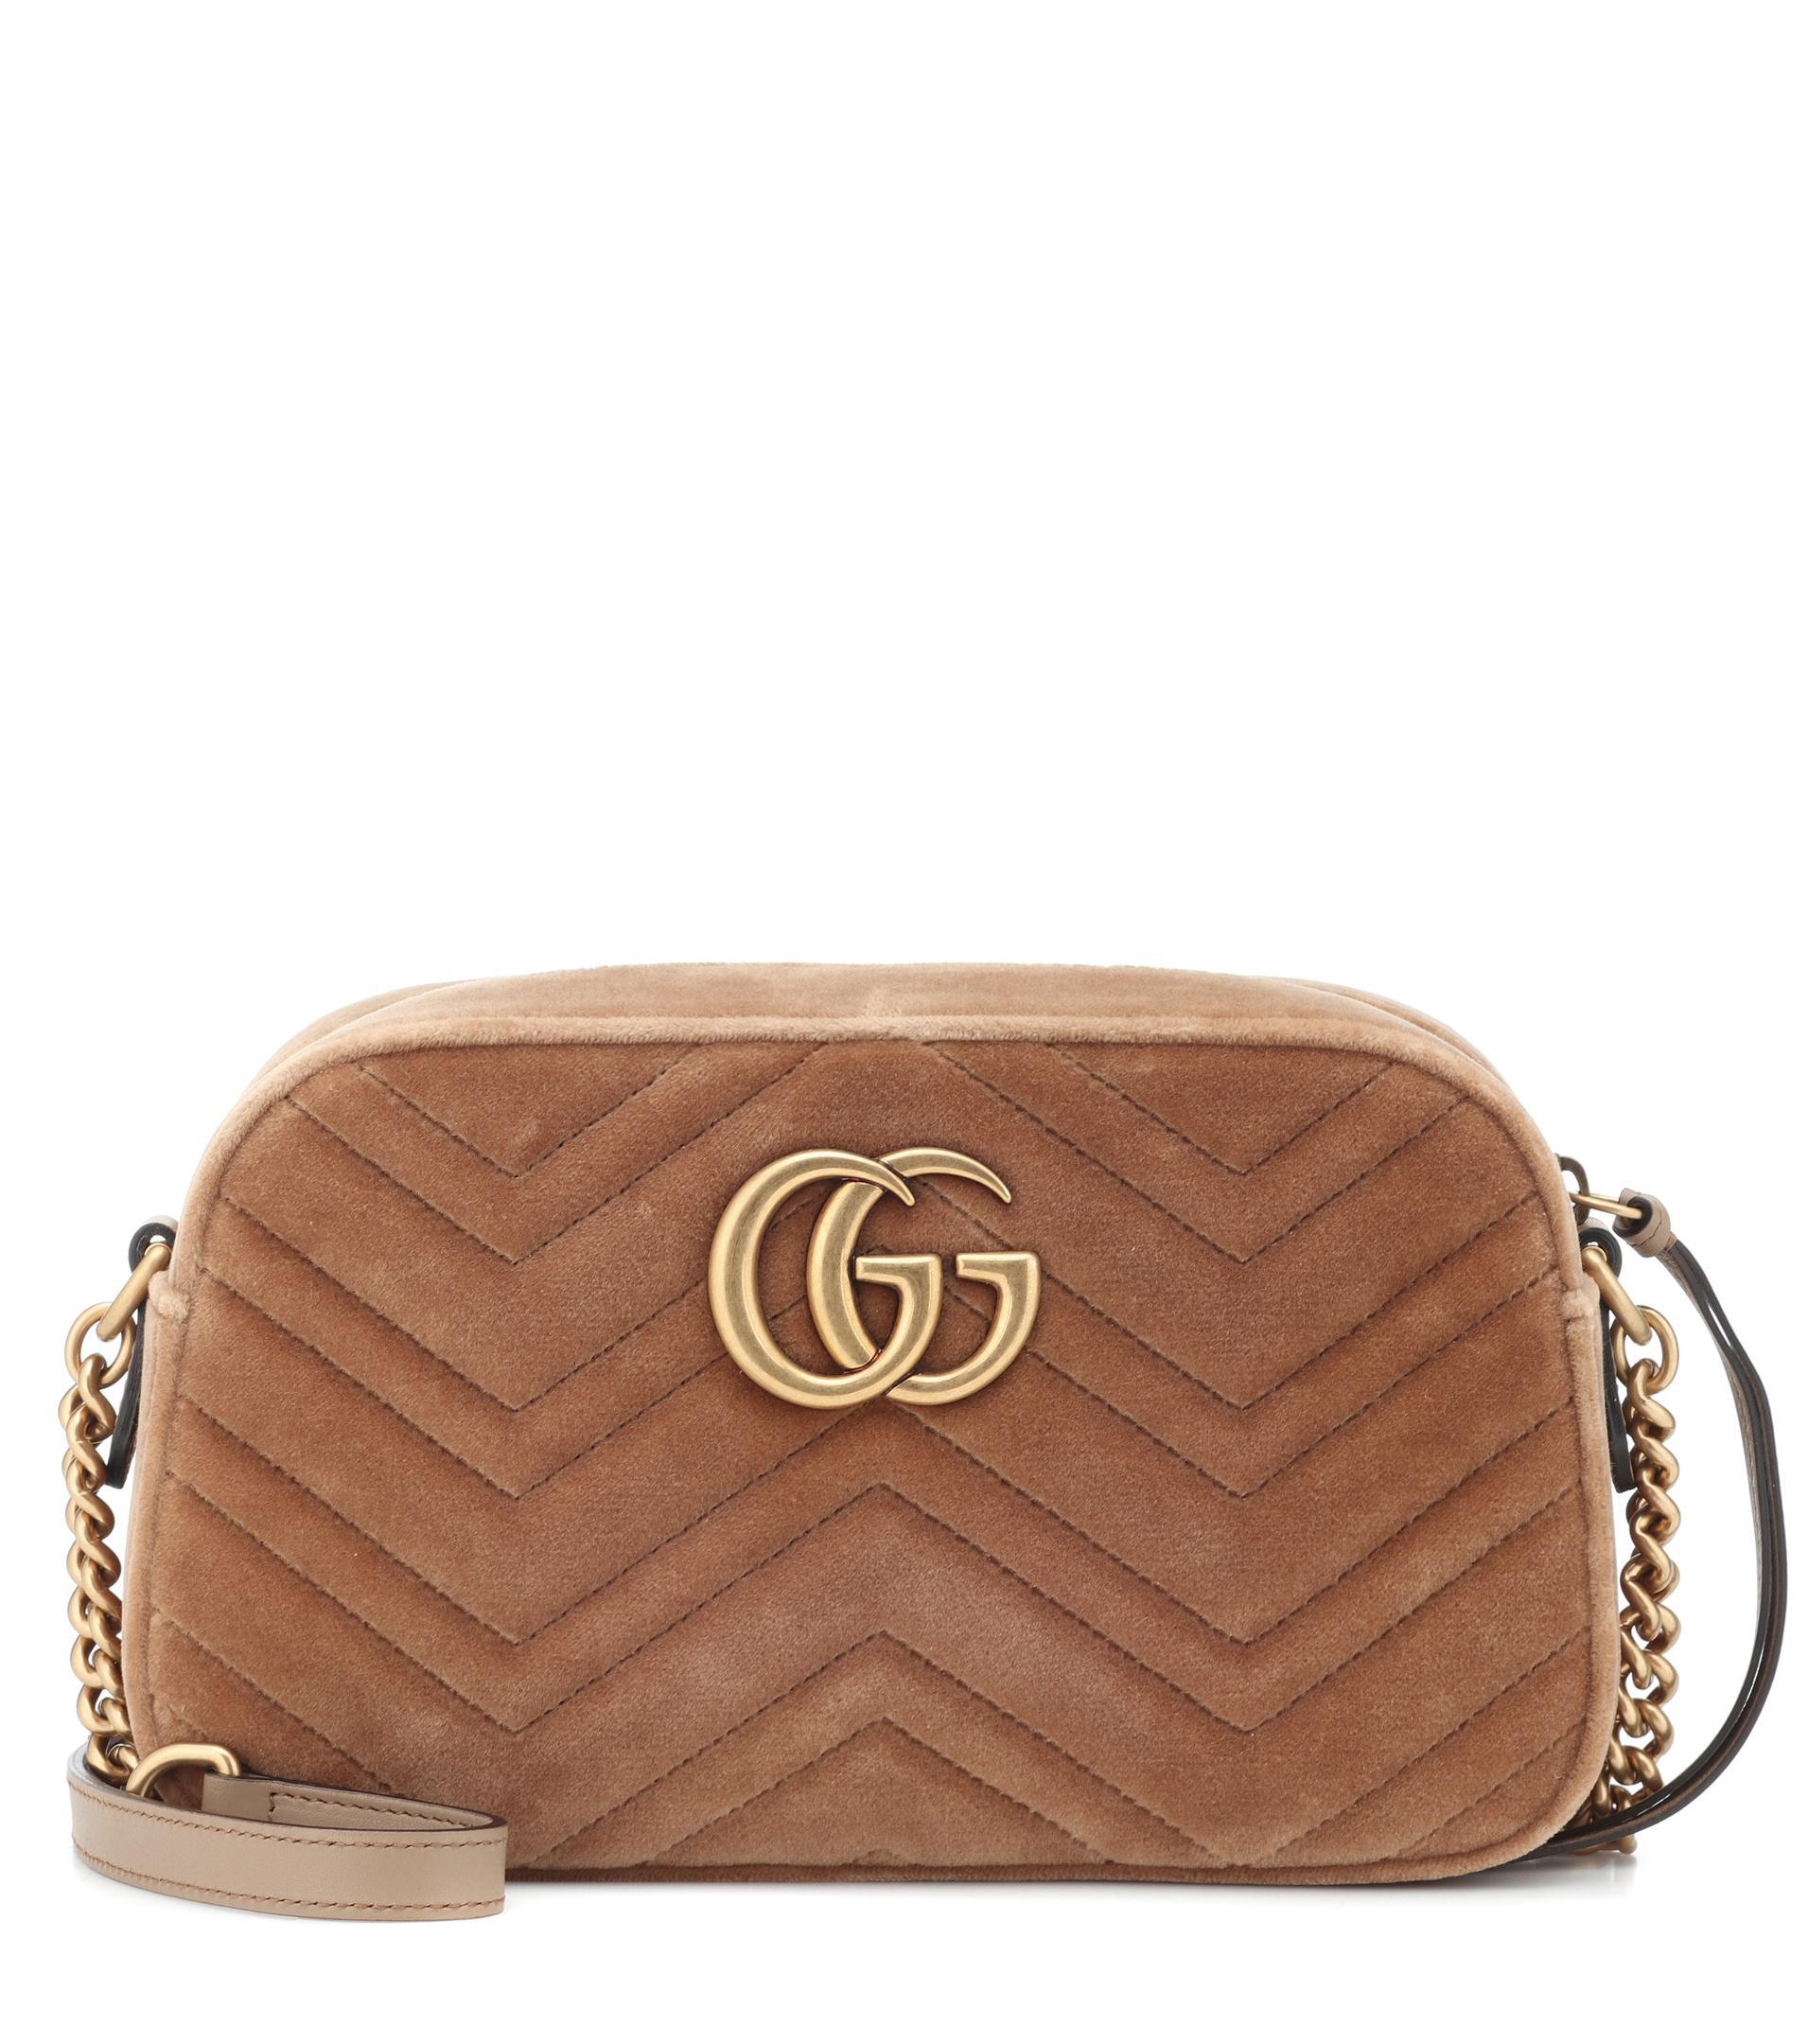 Lyst - Sac en velours GG Marmont Small Gucci en coloris Neutre 3991c246b7b